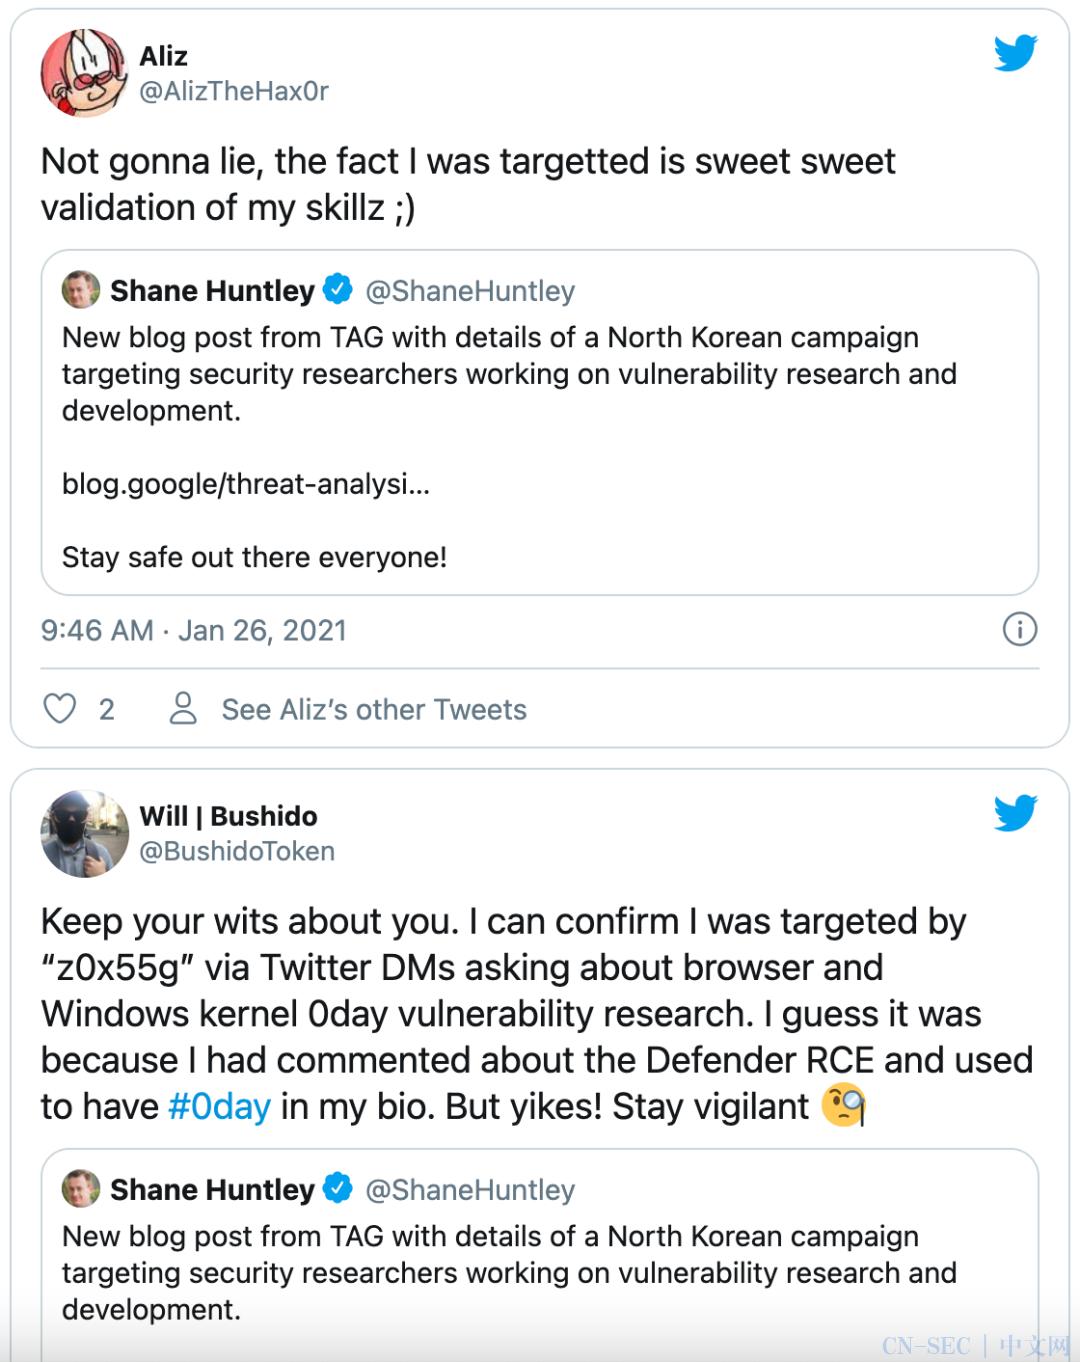 不讲武德 | 朝鲜黑客打着安全研究的旗号社工安全研究人员